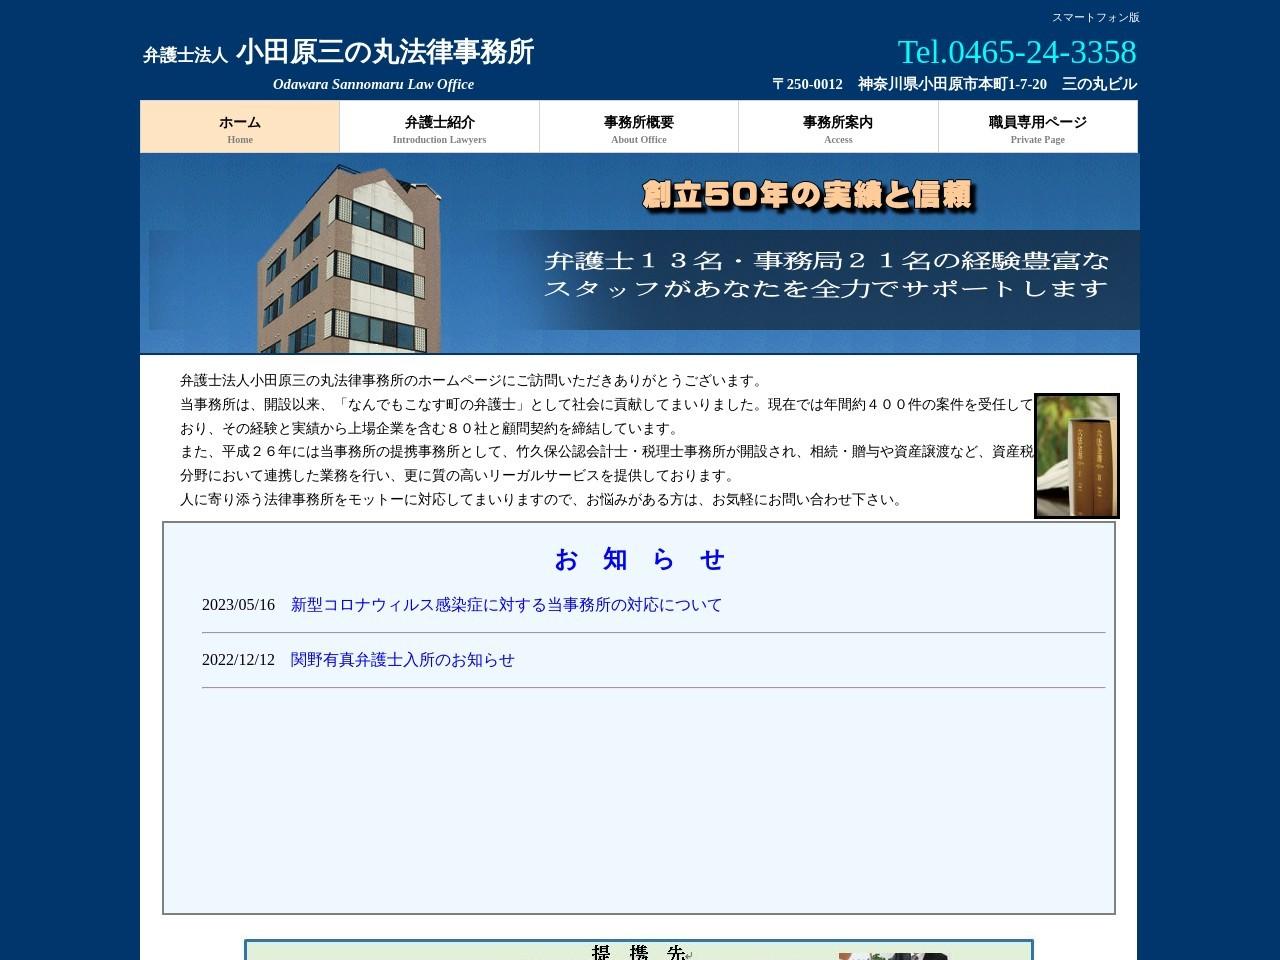 小田原三の丸法律事務所(弁護士法人)